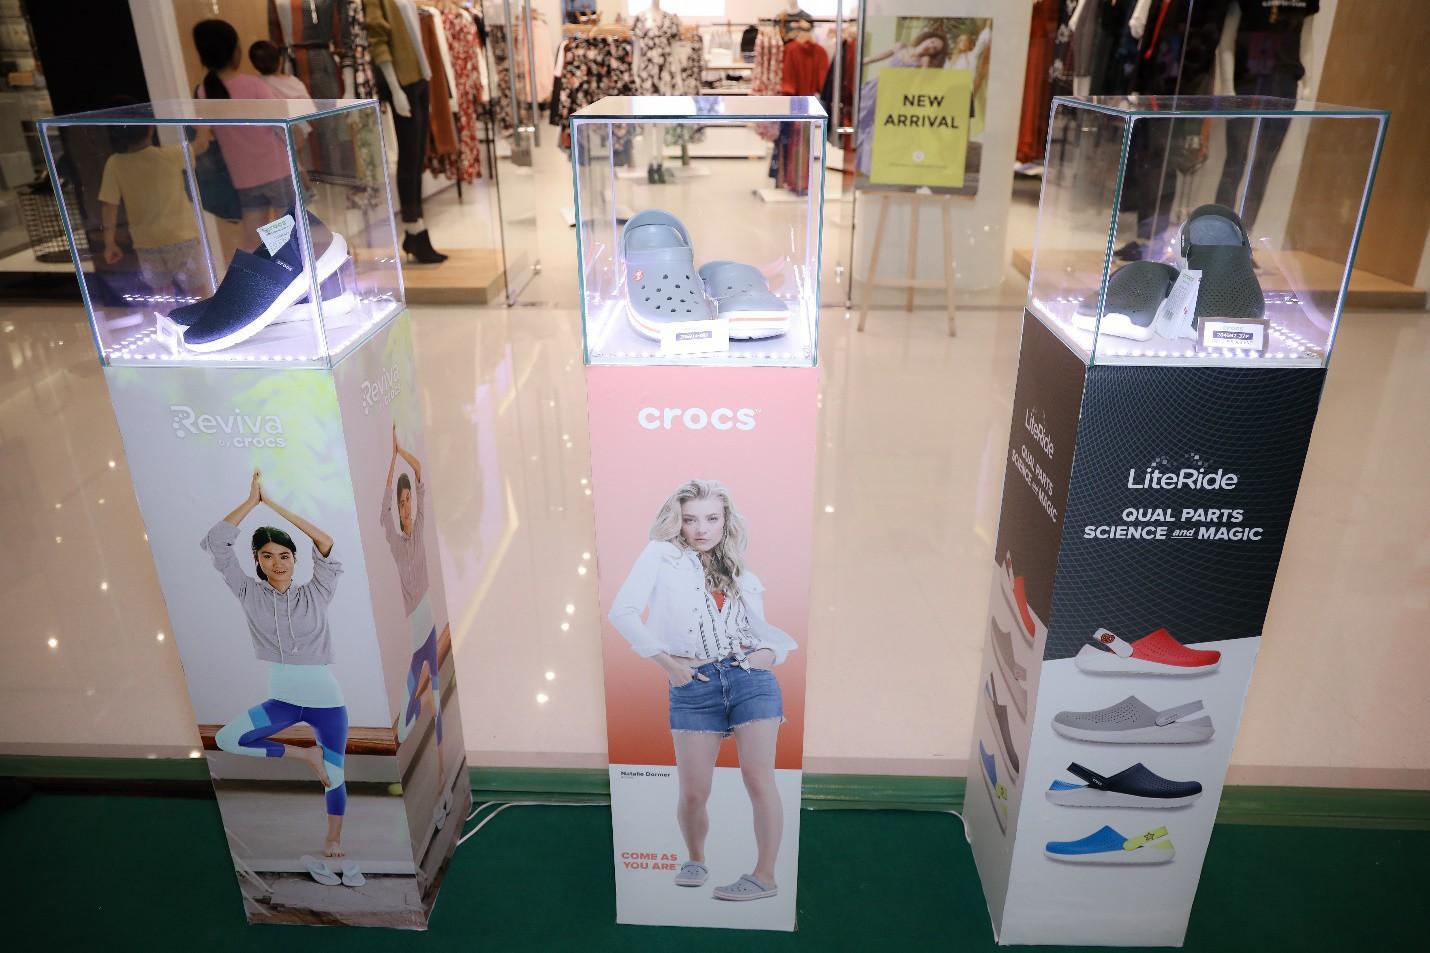 Nhung Gumiho và Ốc Thanh Vân tham gia sự kiện Crocs ra mắt 3 dòng sản phẩm mới, lý giải vì sao ai cũng nên sở hữu ít nhất 1 đôi đến từ thương hiệu này - Ảnh 1.